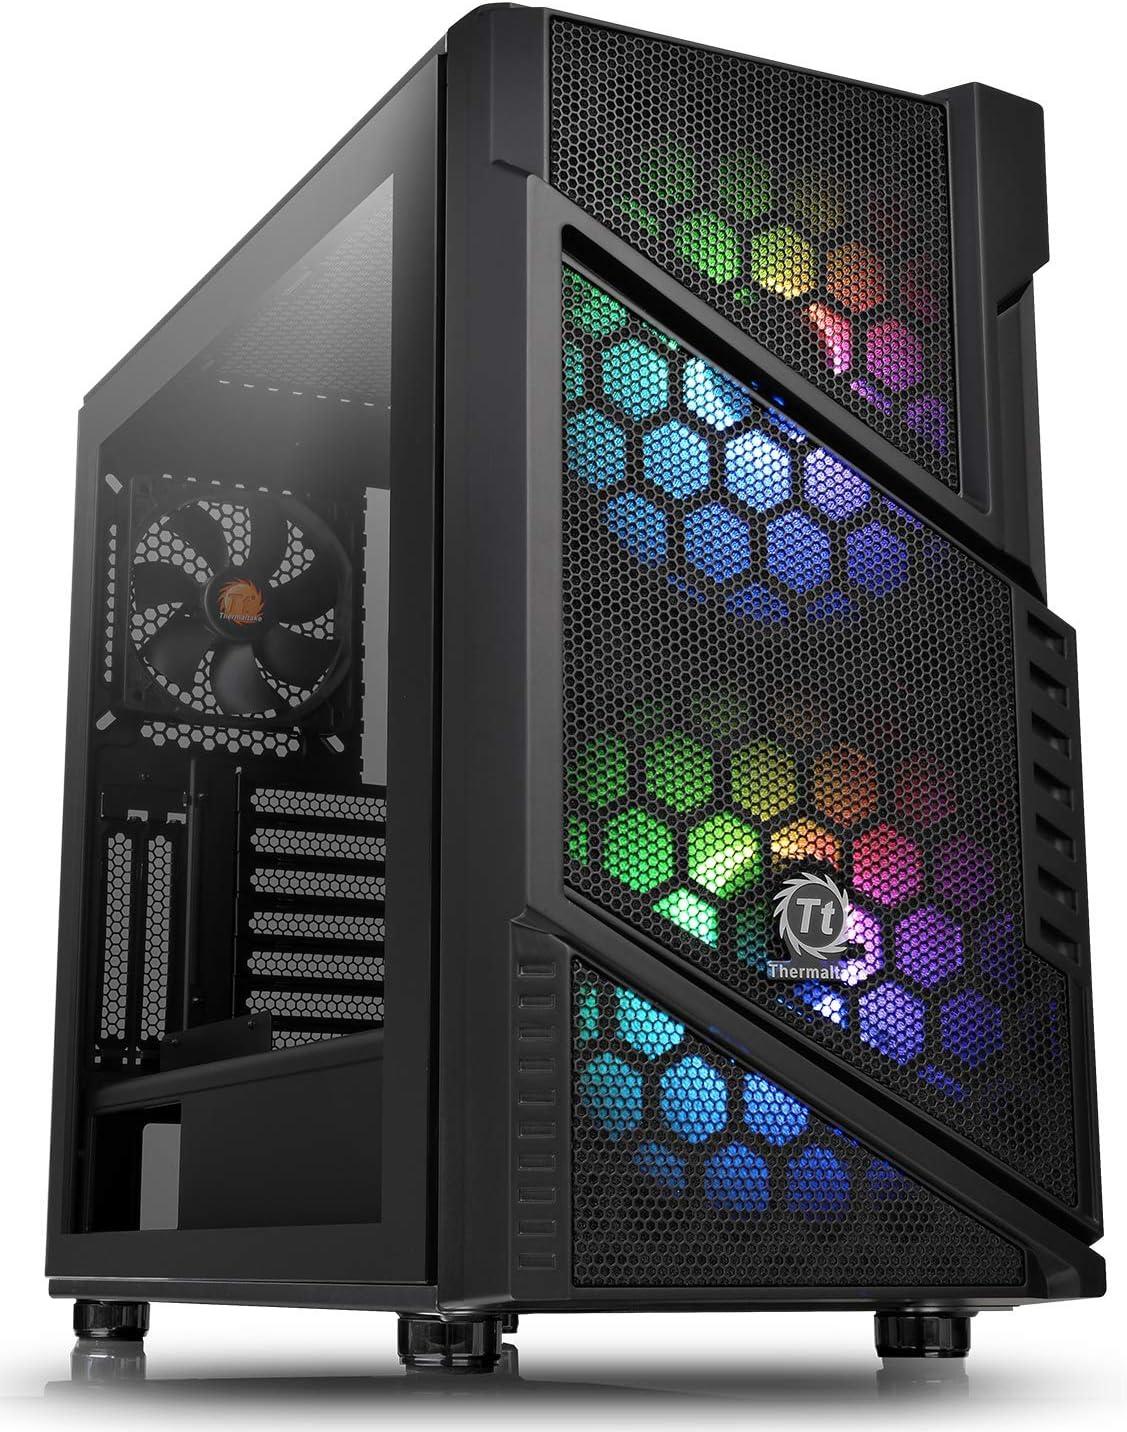 ثيرمالتيك فيو 37 صندوق كمبيوتر الالعاب على شكل برج متوسط مع تزامن للوحة الام الفا ار جي بي مع 3 مراوح والفا ار جي بي بجهد 5 فولت متزامنة مع الفضاء اللوني ار جي بي للوحة الام CA-1J7-00M1WN-04